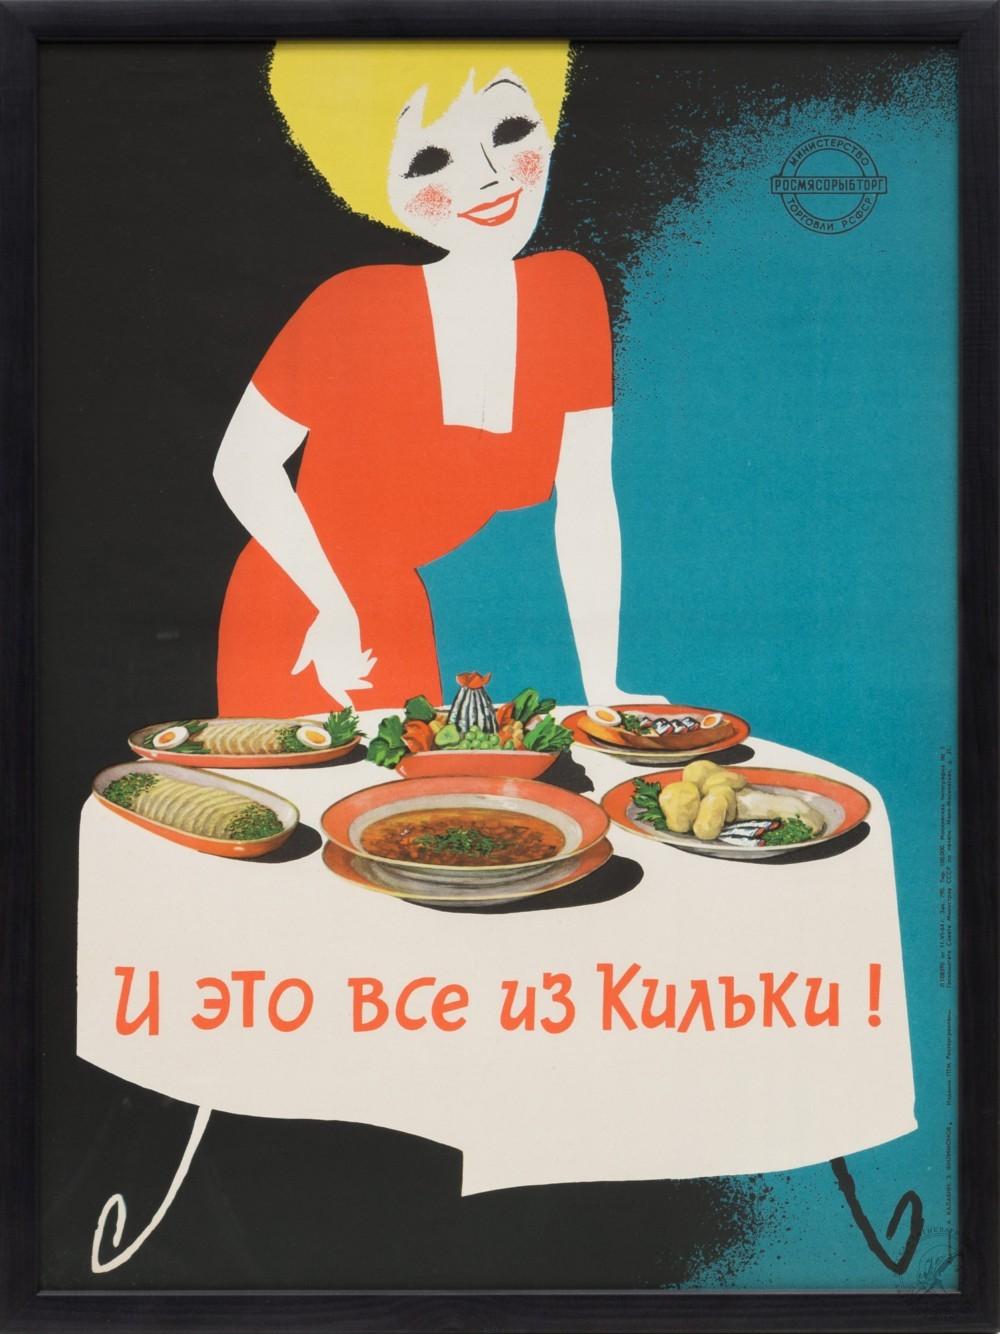 Плакат «Иэтовсеизкильки!»